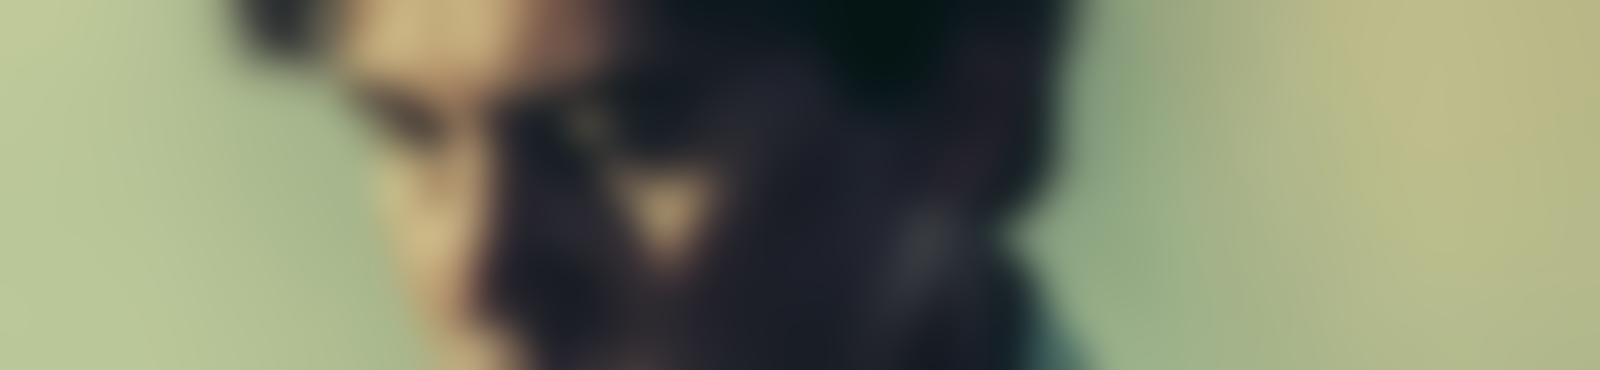 Blurred 37b012c7 8e1b 4959 88f1 e2652538e8d4